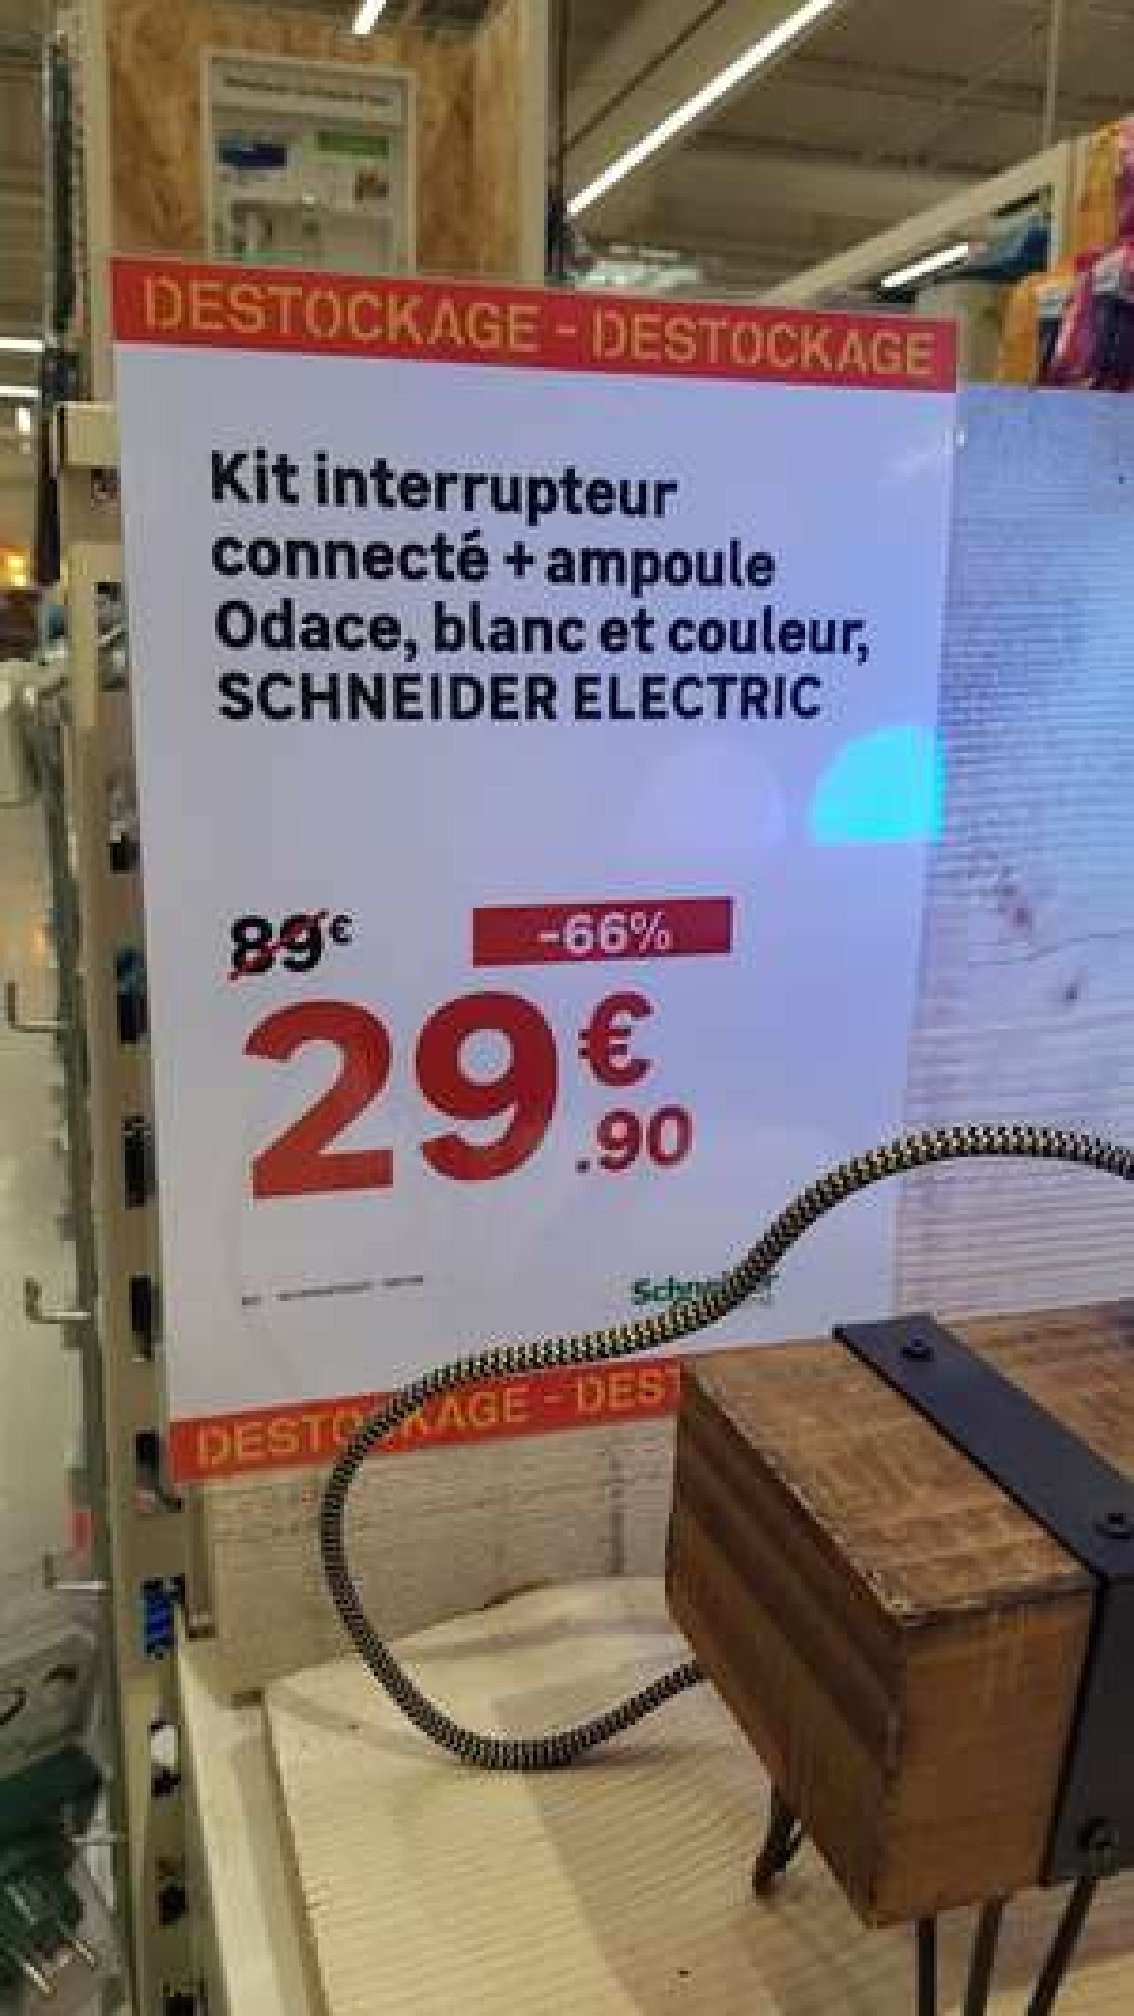 Kit interrupteur connecté + Ampoule Odace blanc et couleur SCHNEIDER - Tourville la Rivière (76)